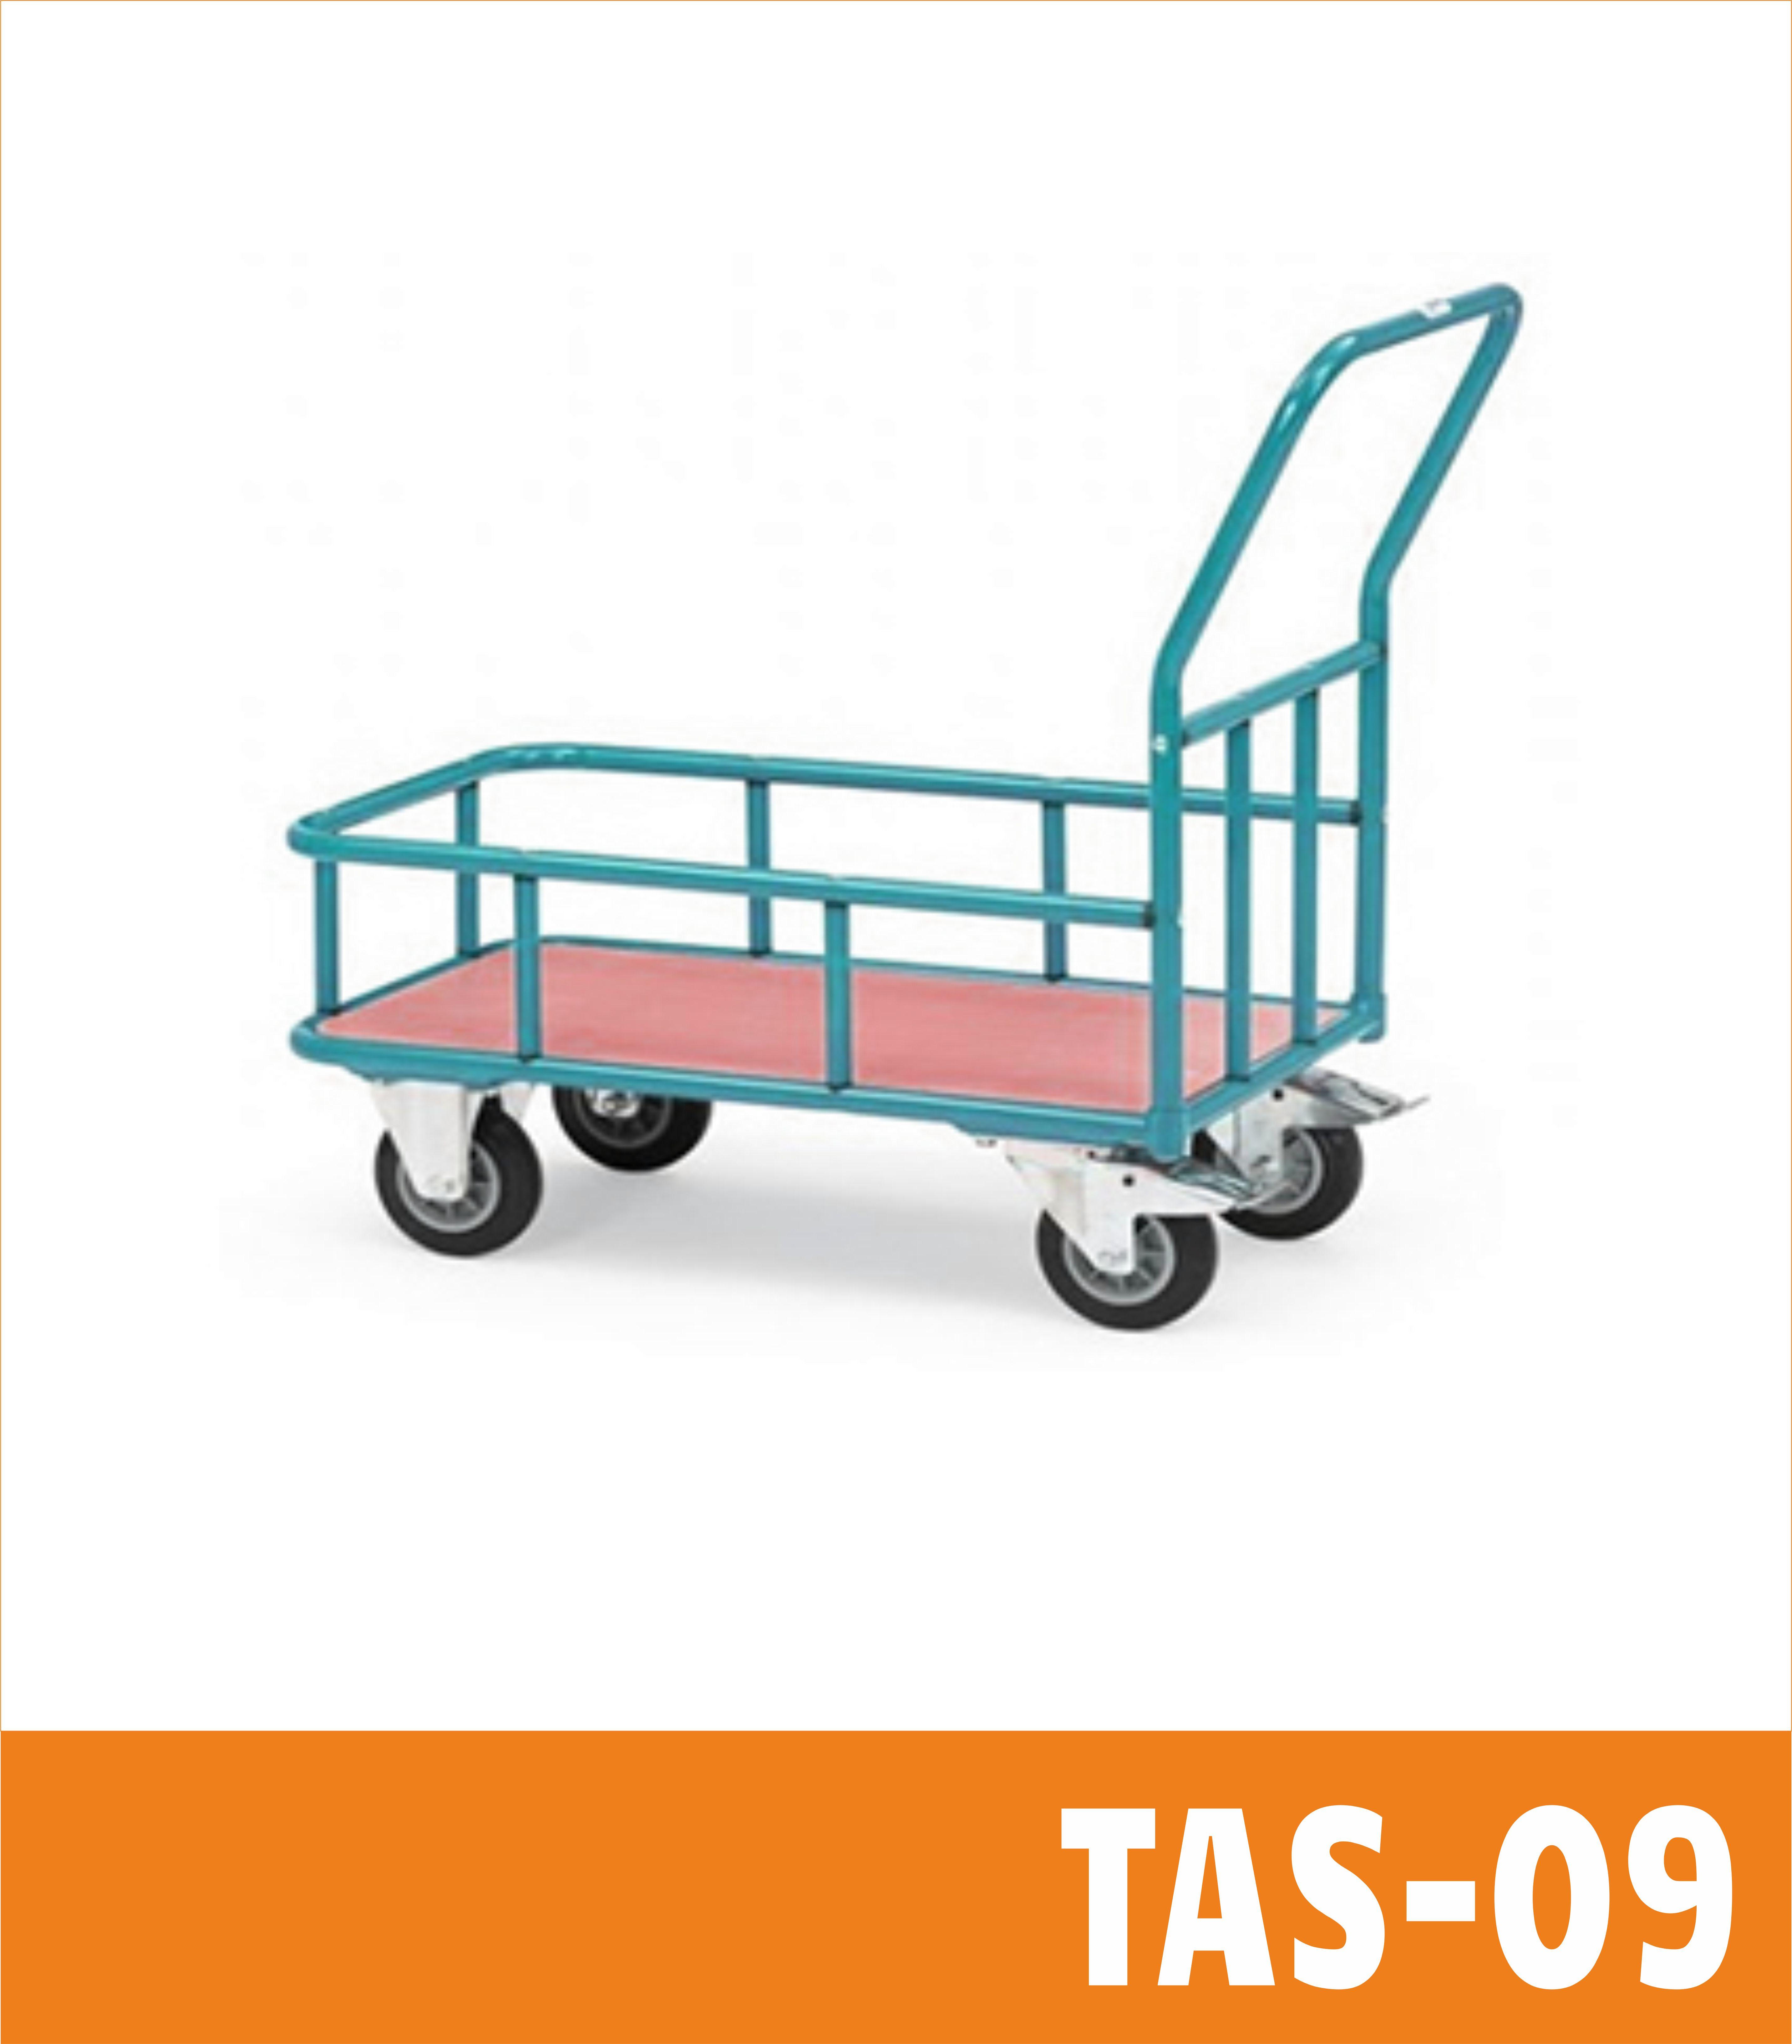 Kafes tipi yük taşıma arabası